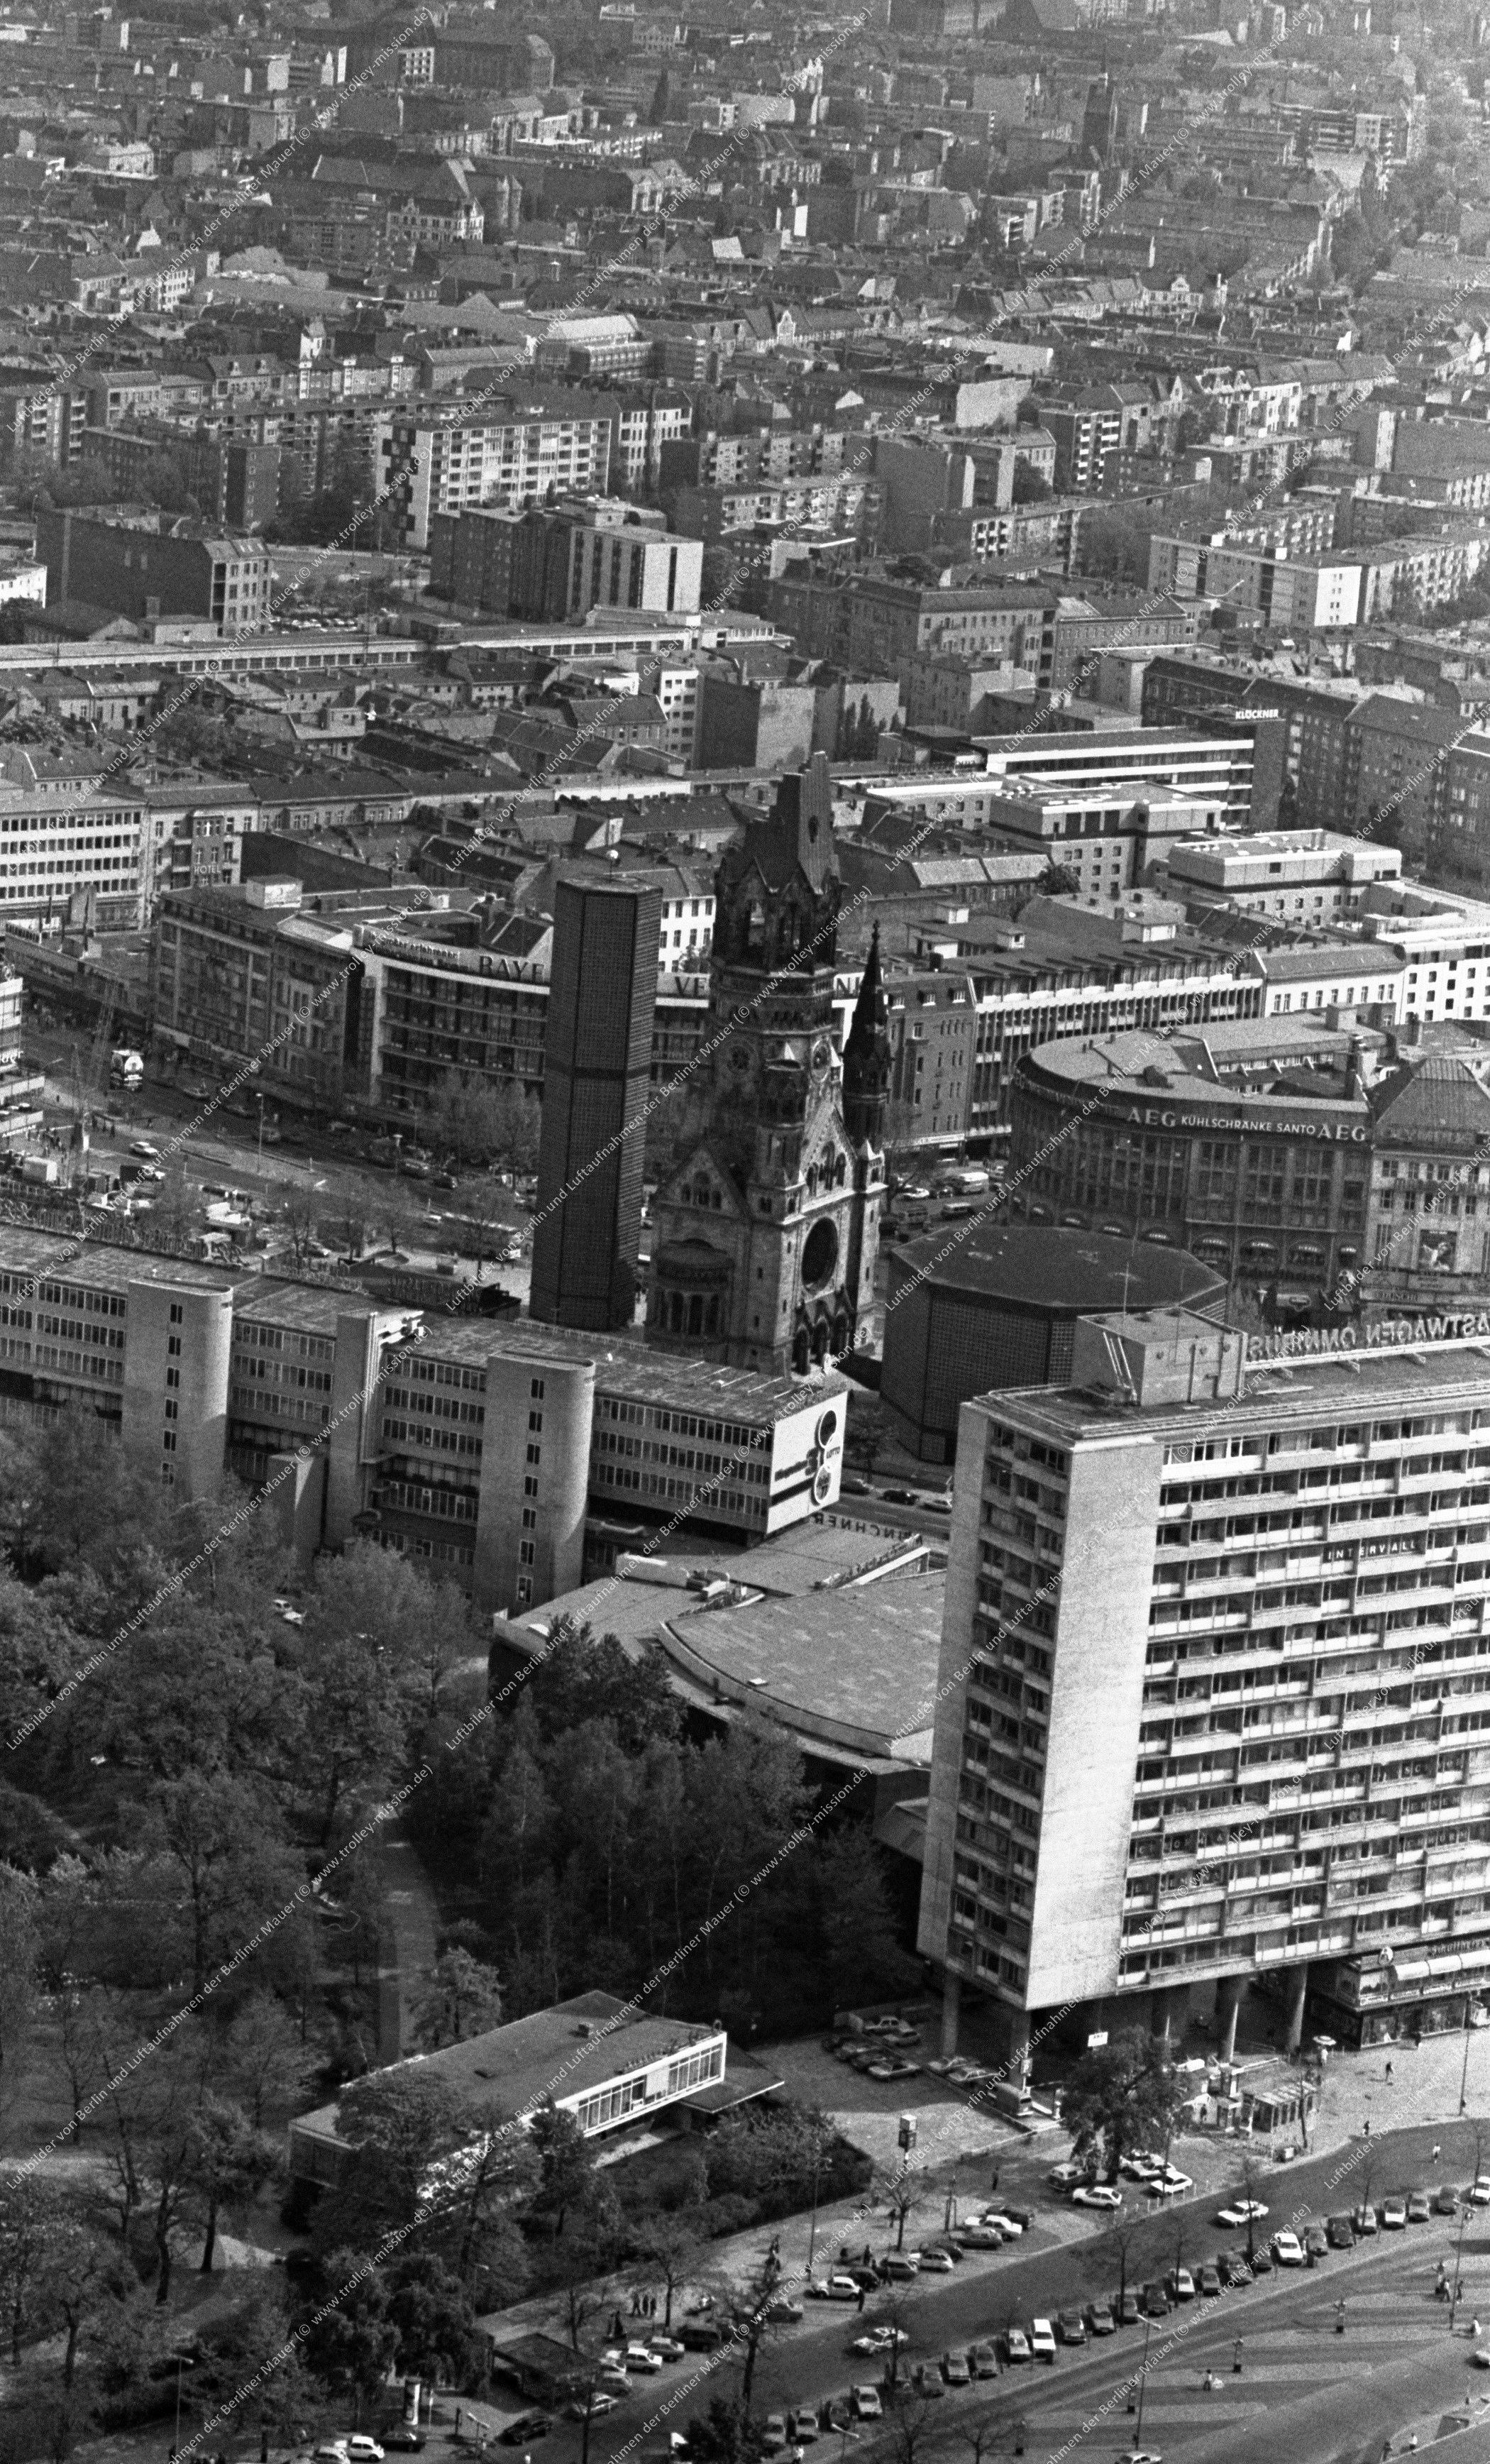 Berlin Luftbild Kaiser-Wilhelm-Gedächtniskirche vom 12. Mai 1982 (Bild 085)